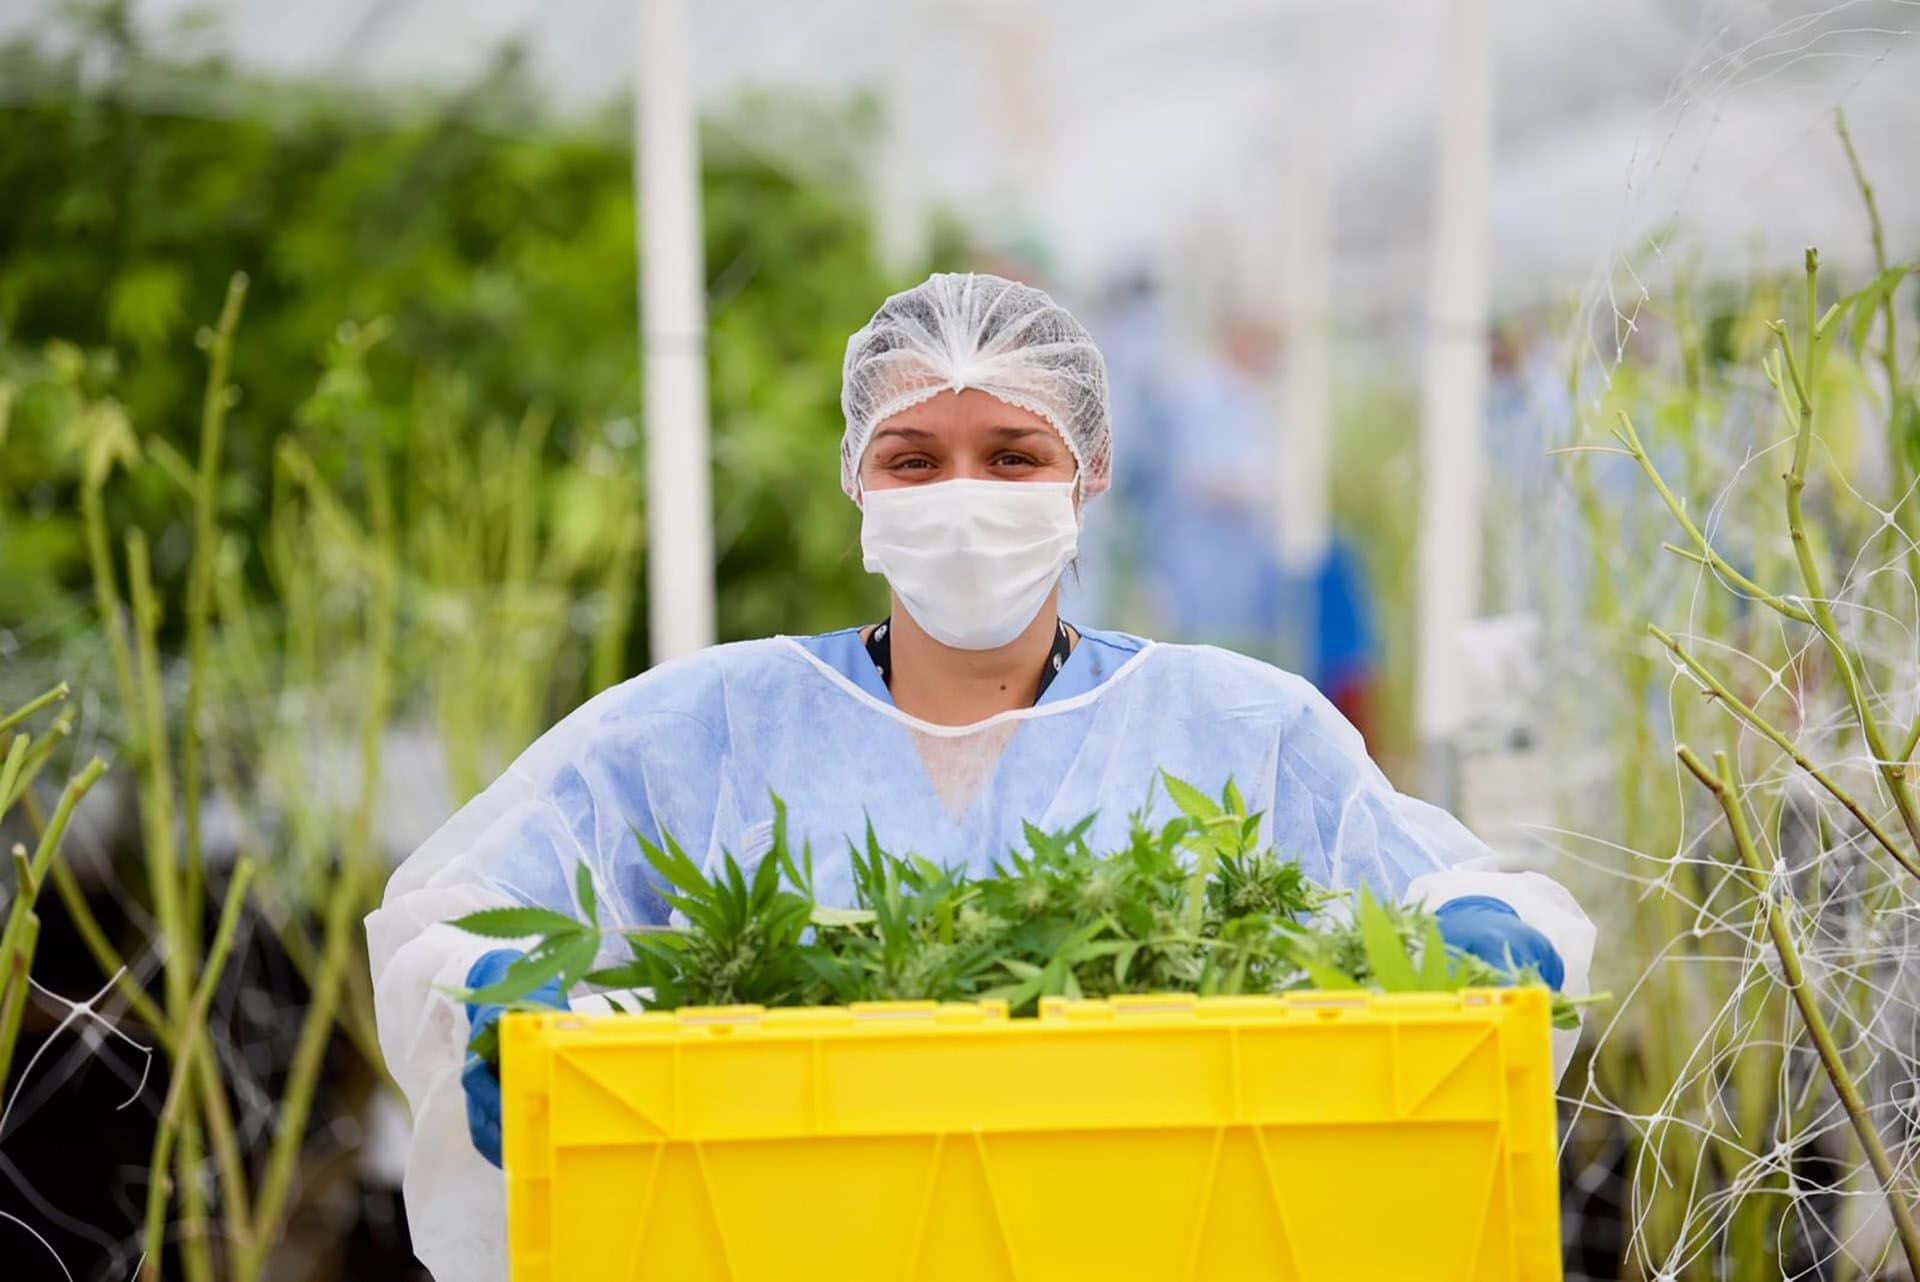 En Uruguay el cultivo y venta de cannabis, con su correspondientes restricciones, es legal A partir de el 2013.